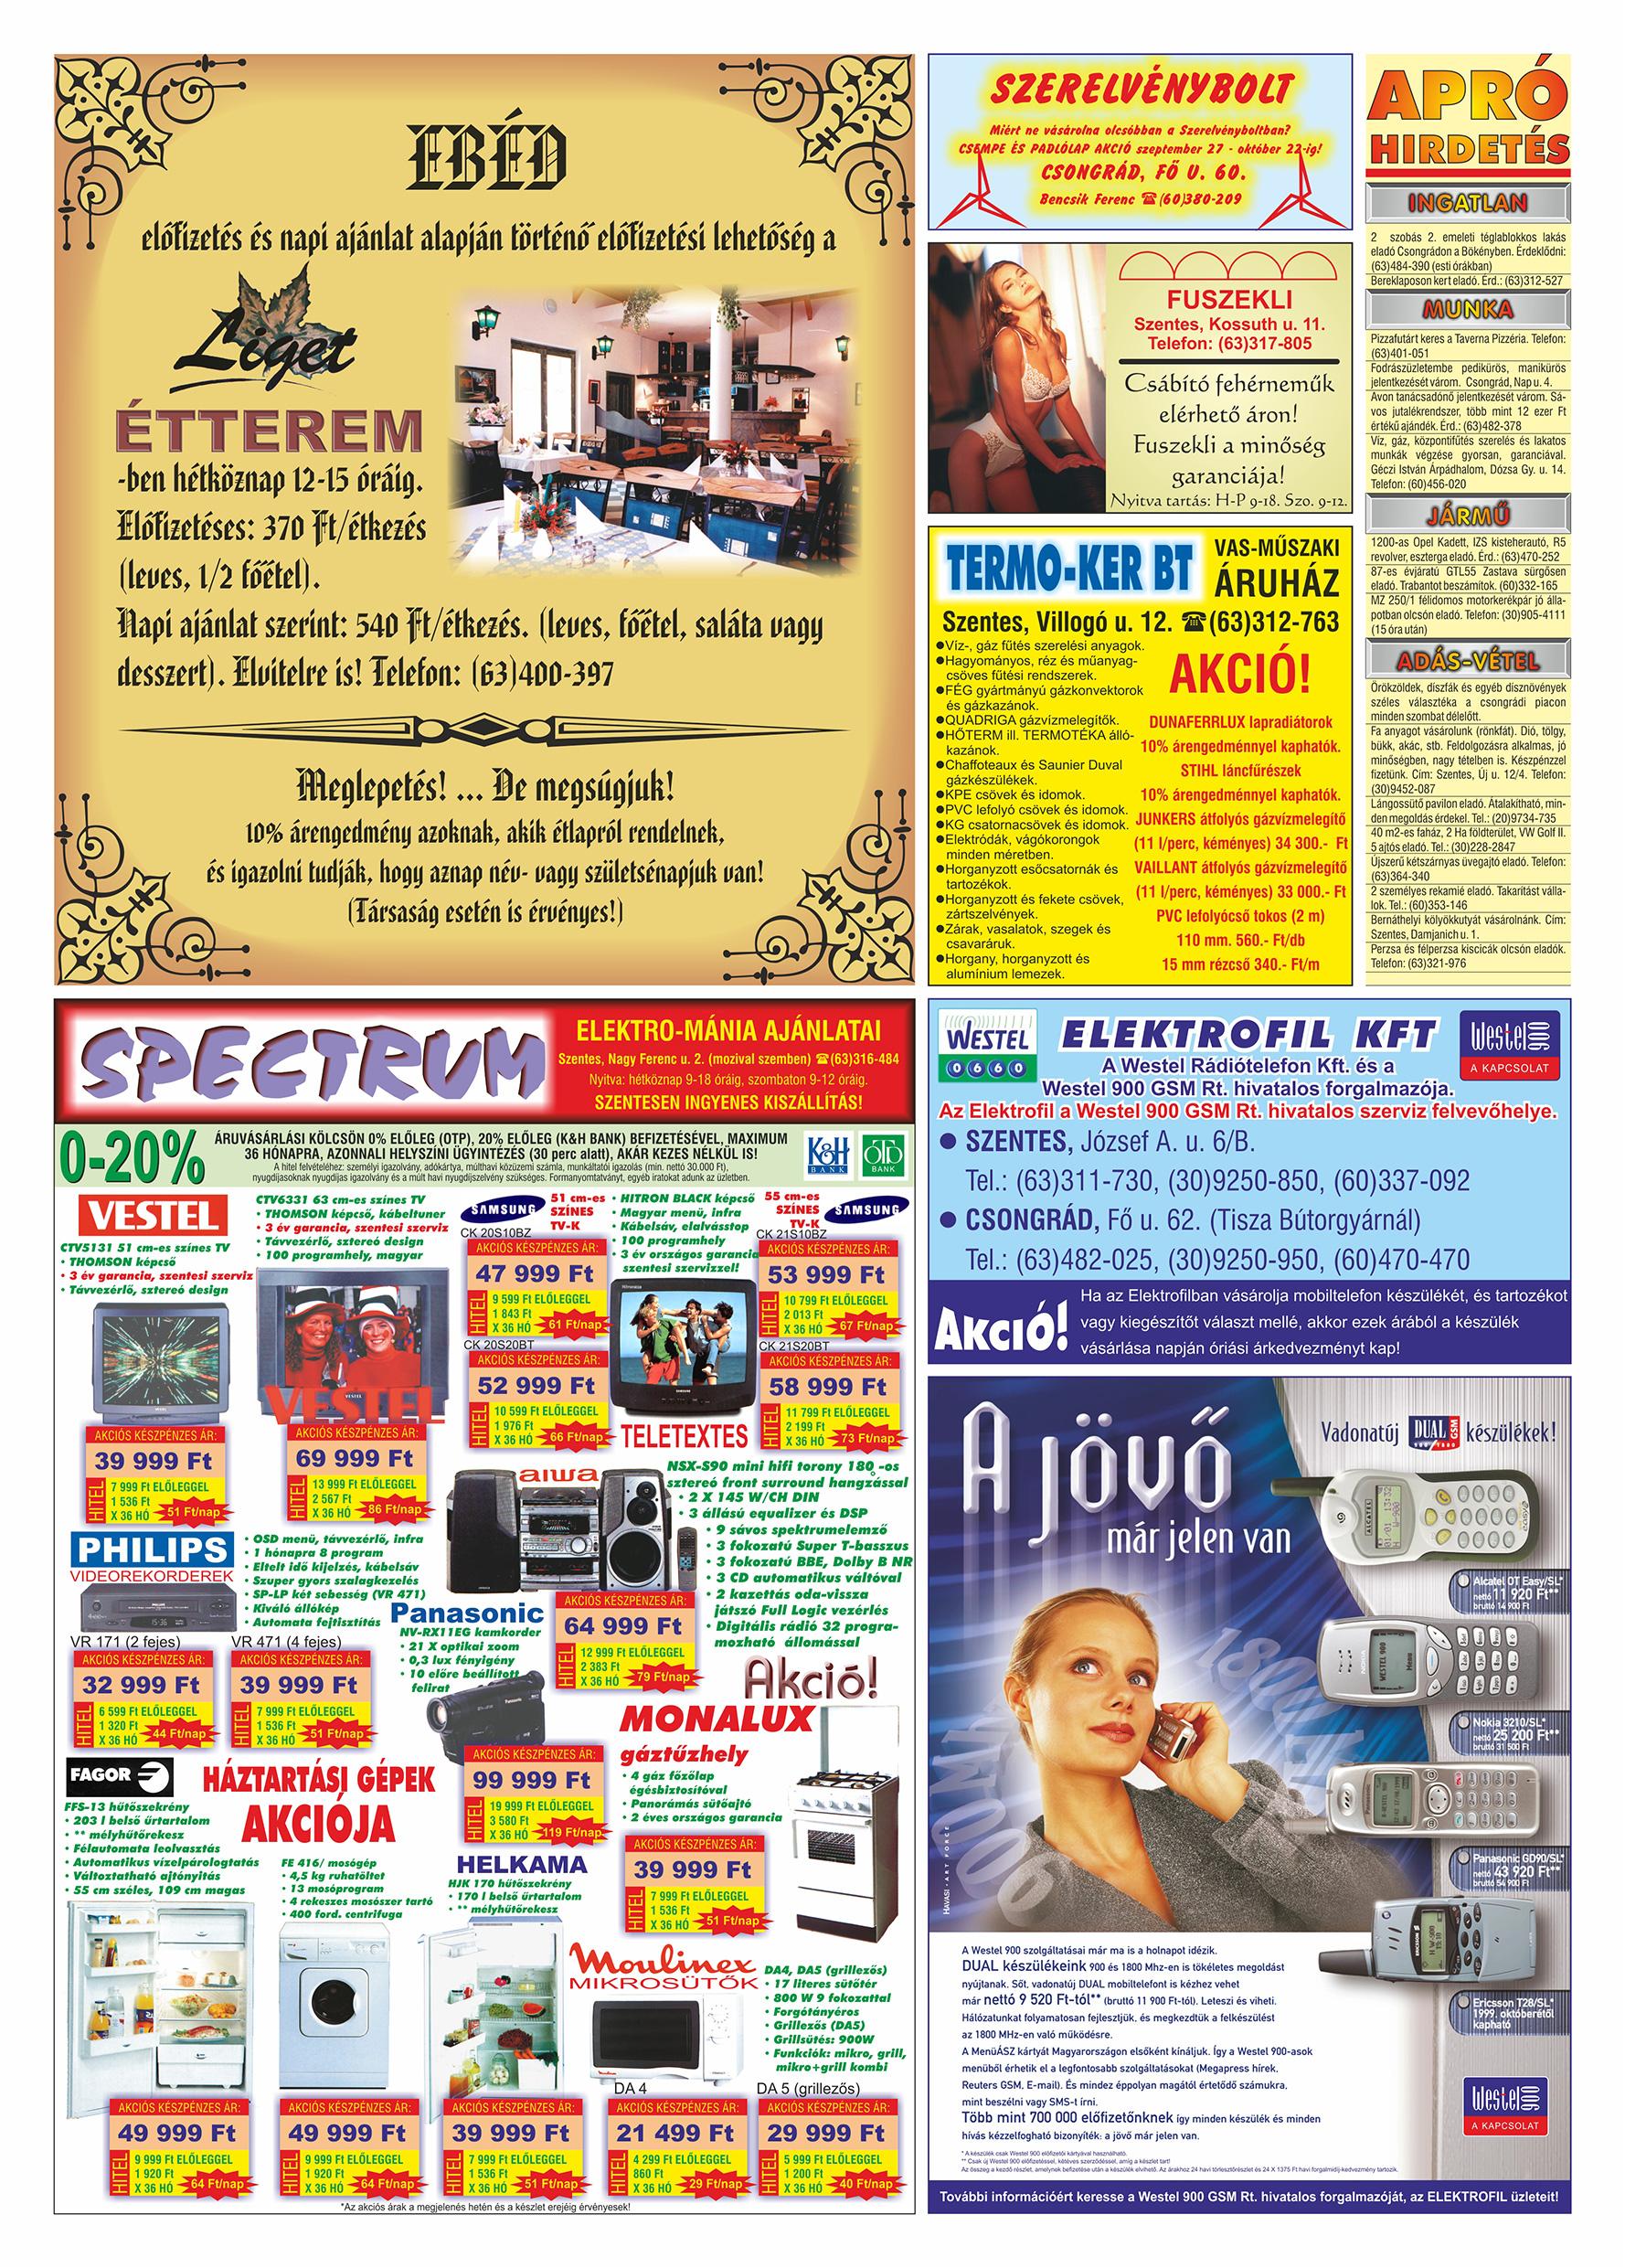 056 Tuti Tipp Extra reklámújság - 19991002-015. lapszám - 2.oldal - V. évfolyam.jpg